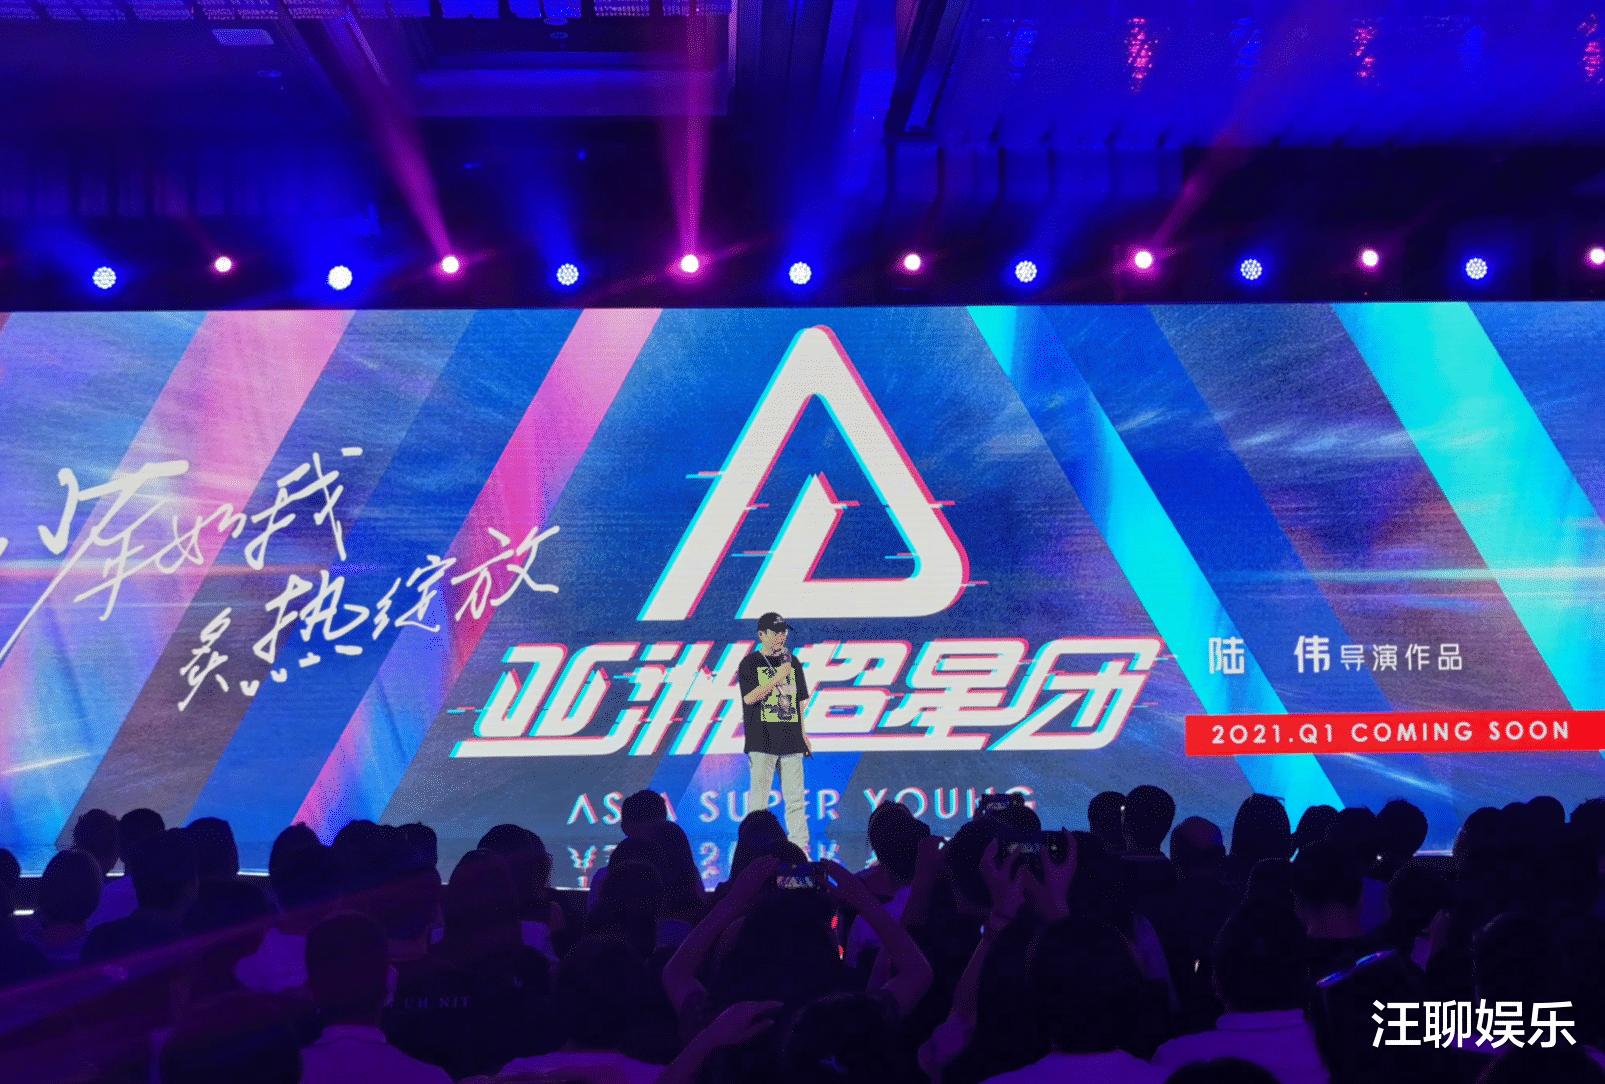 網曝《亞洲超星團》導師陣容,易烊千璽擔任PD,周傑倫和GAI同臺-圖2